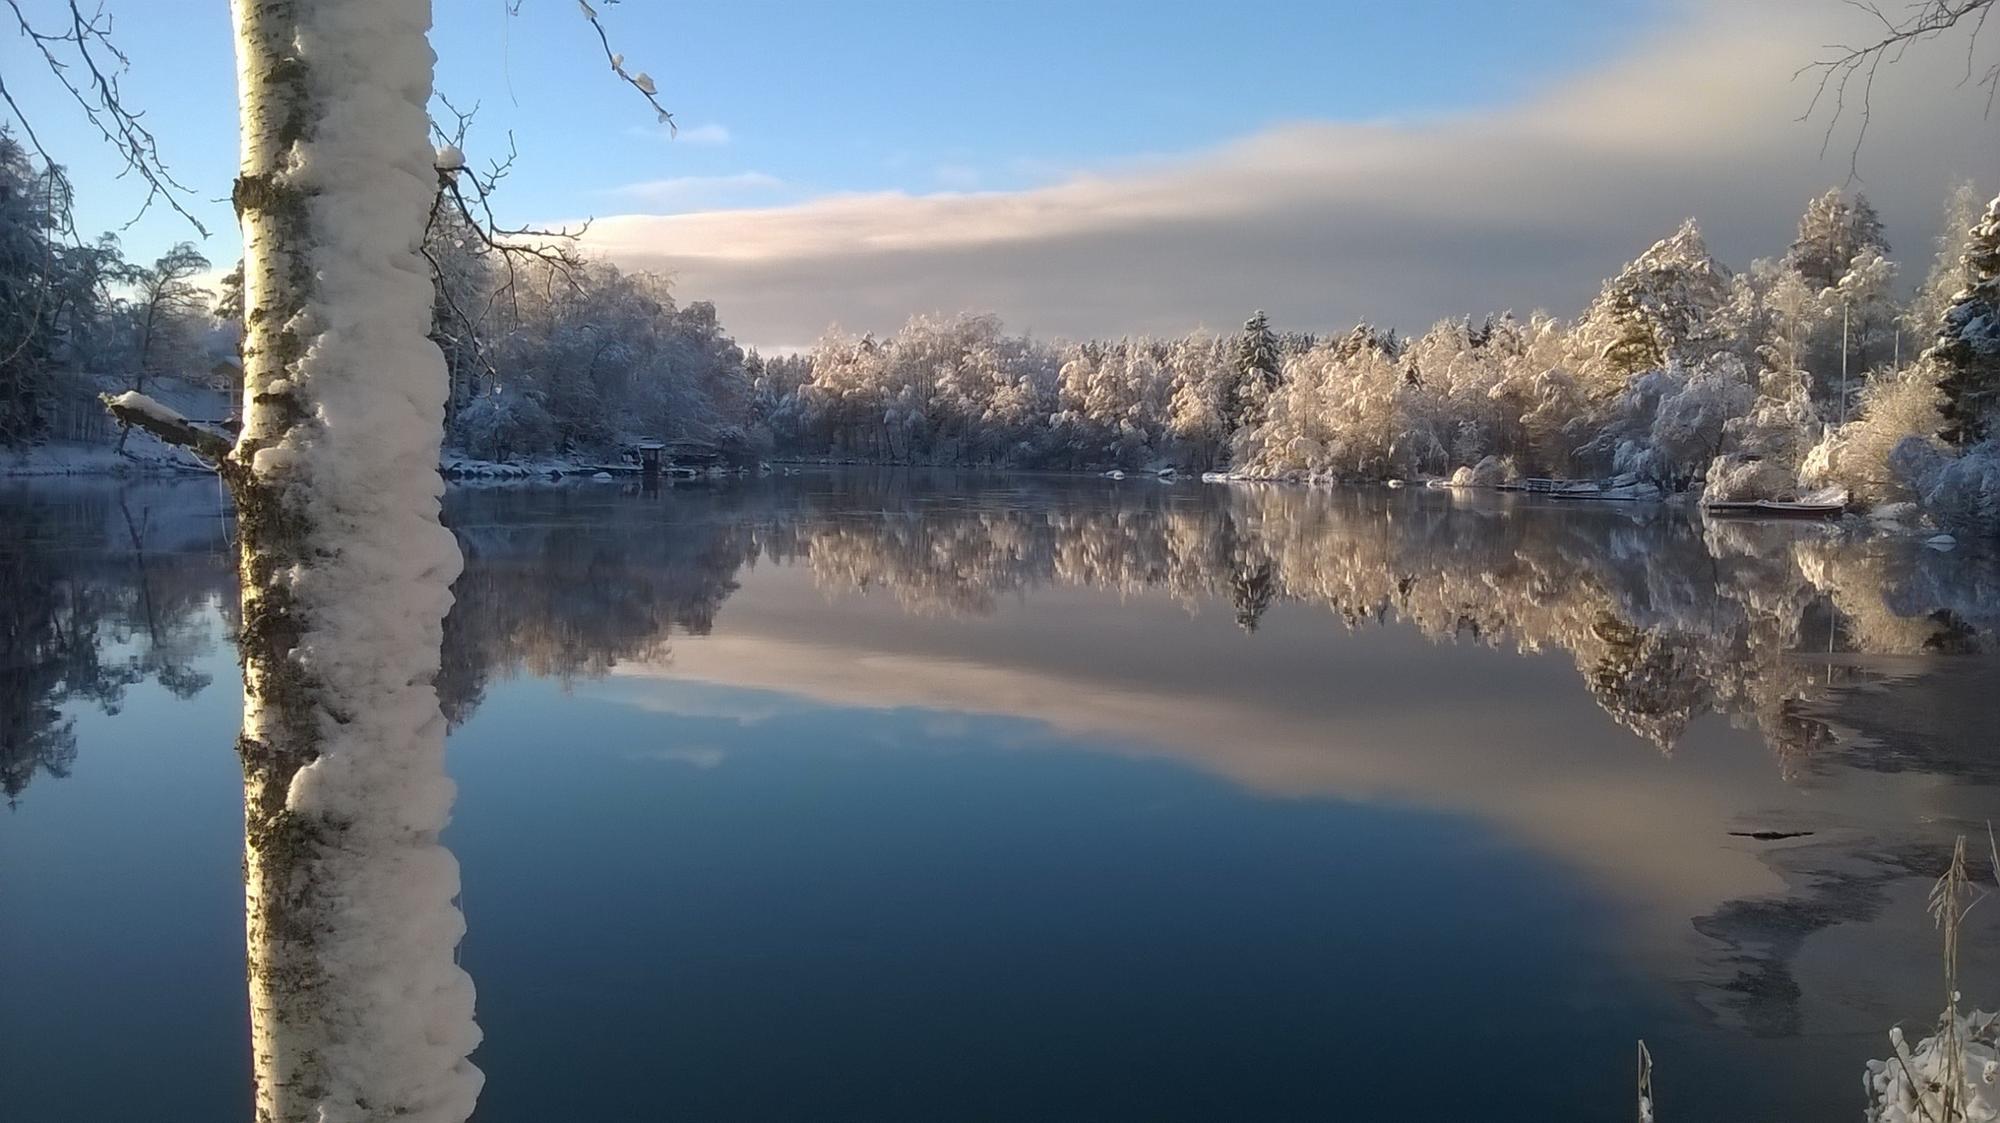 Näkymä talvisesta järvimaisemasta Lempäälän Koivunokalta vuonna 2015. Kuvaajana Diar Isid.